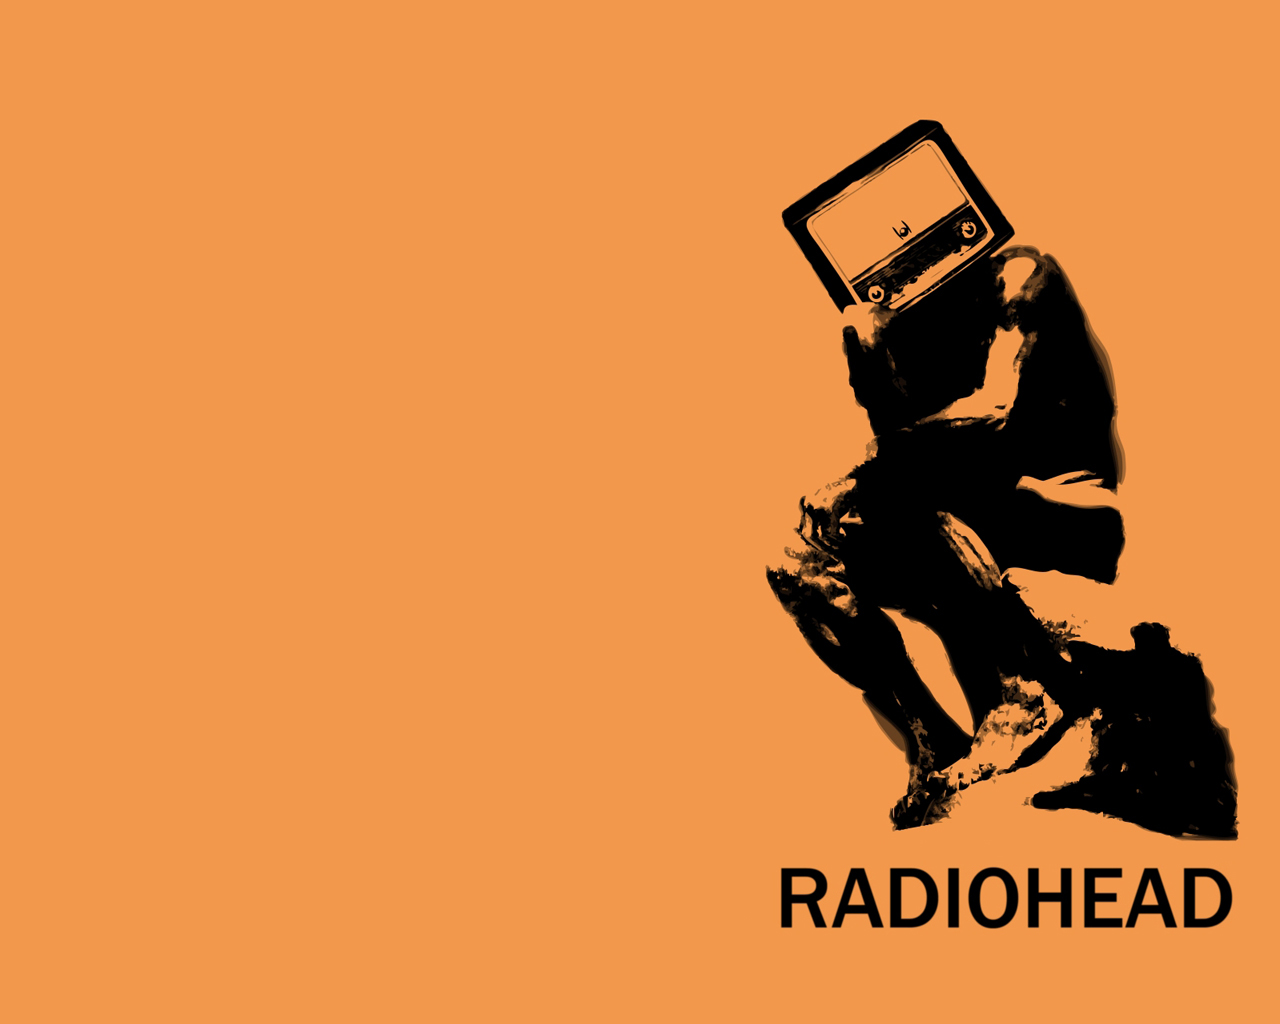 47 Radiohead Desktop Wallpaper On Wallpapersafari